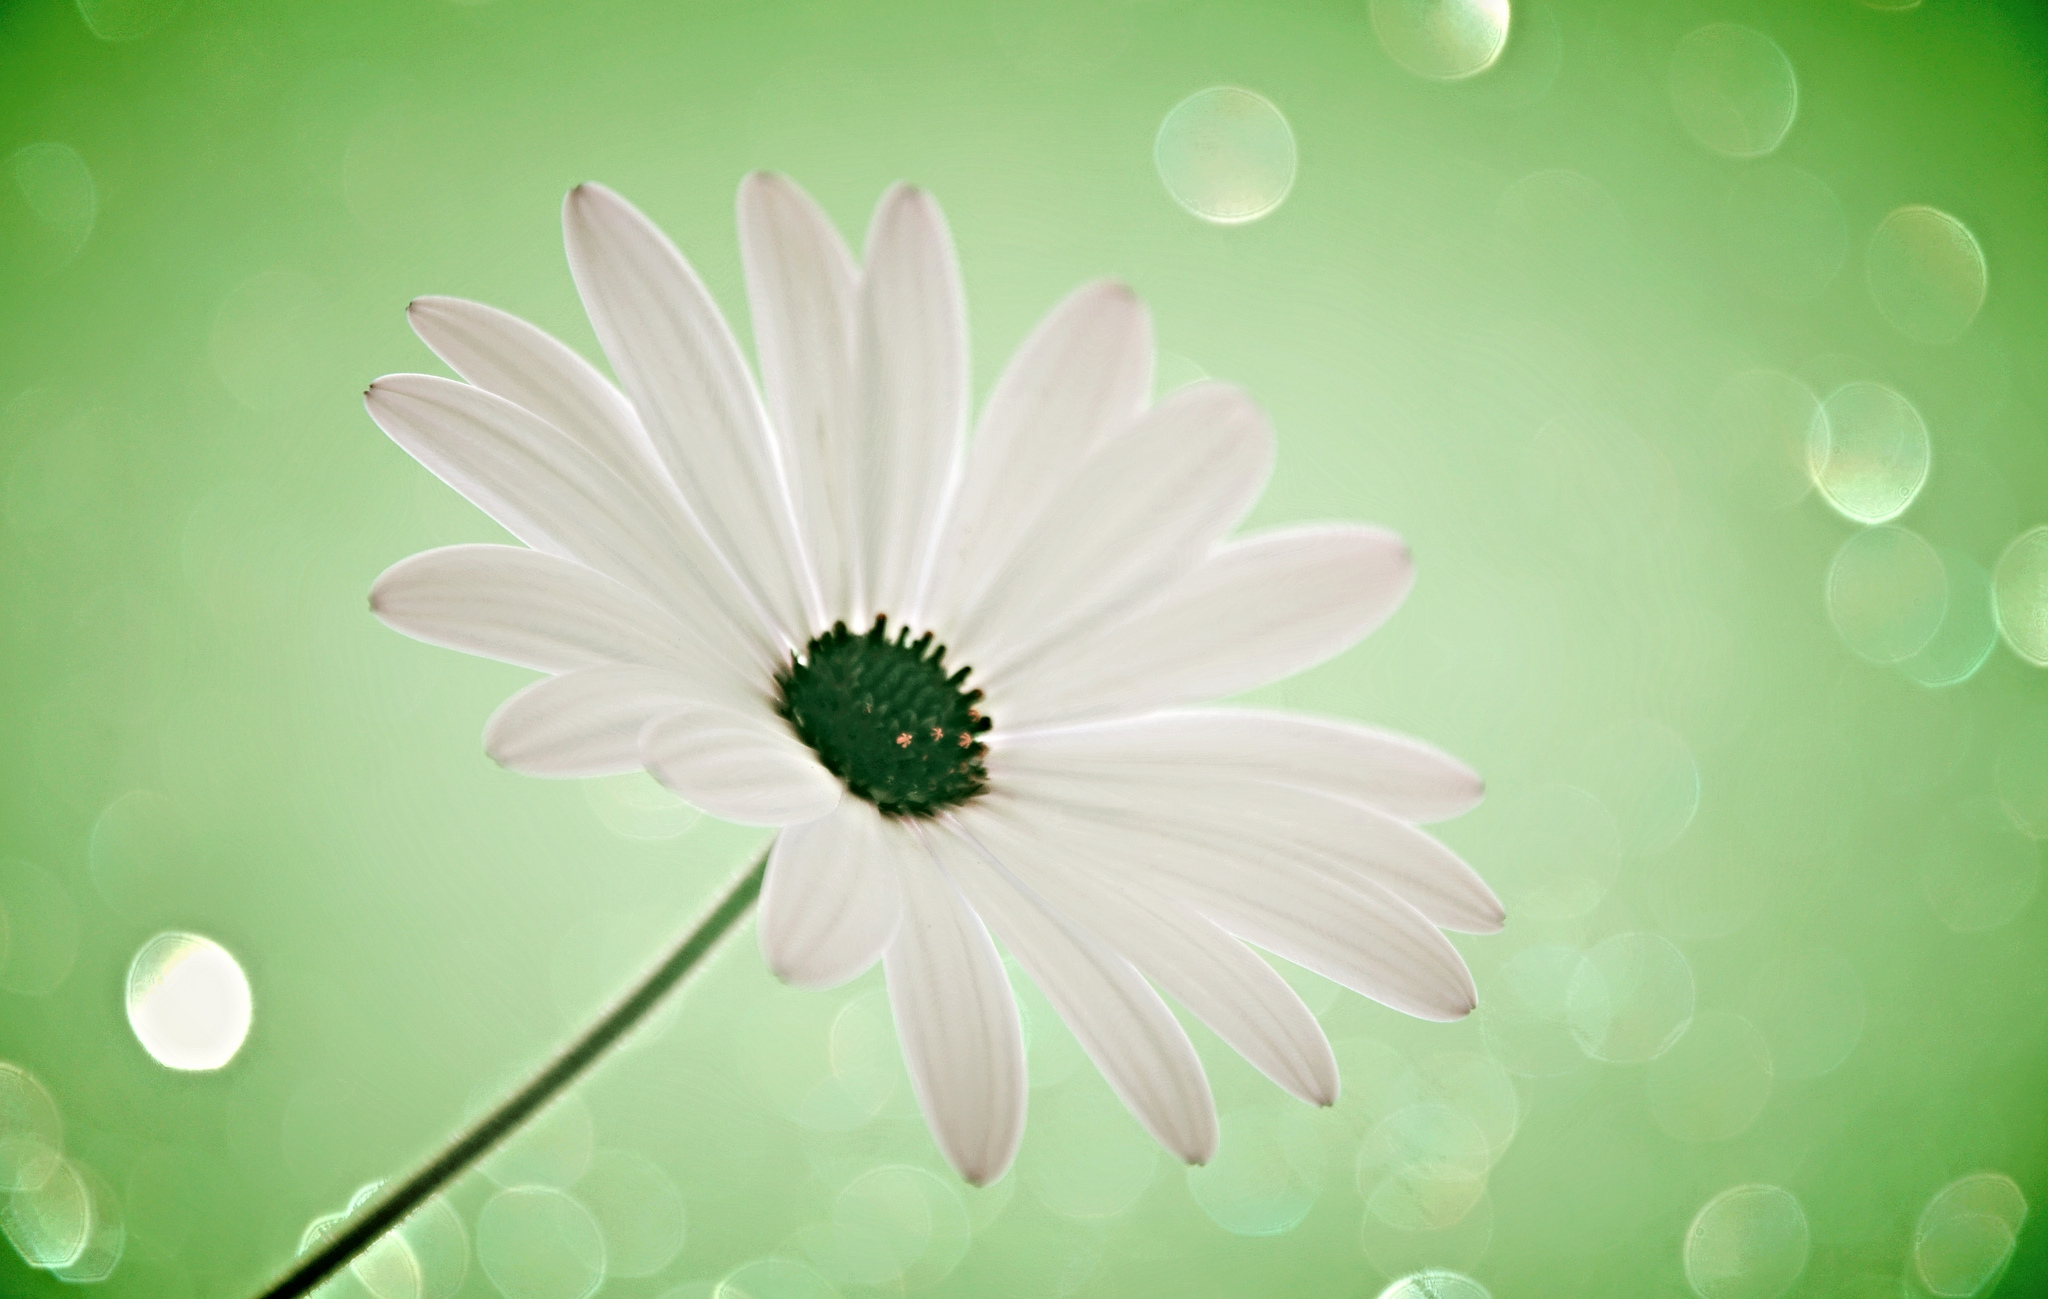 цветы ромашки блики бесплатно